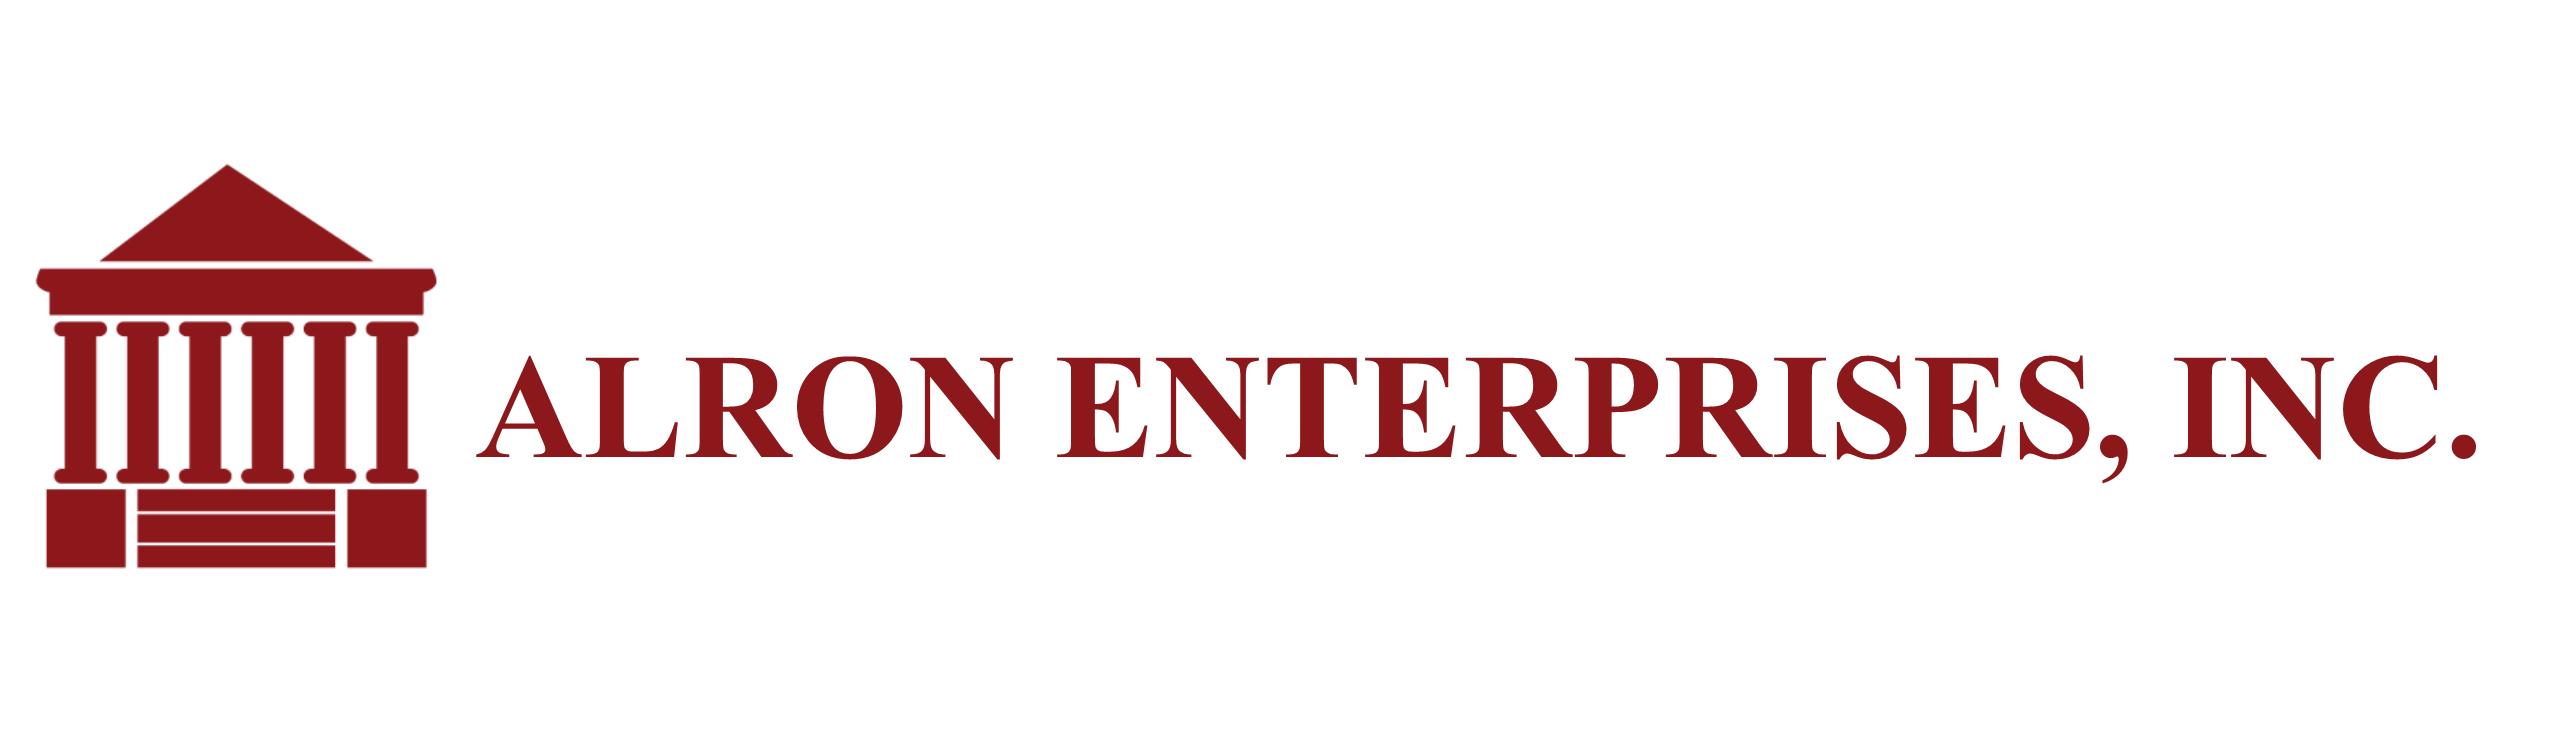 Alron Enterprises, Inc.